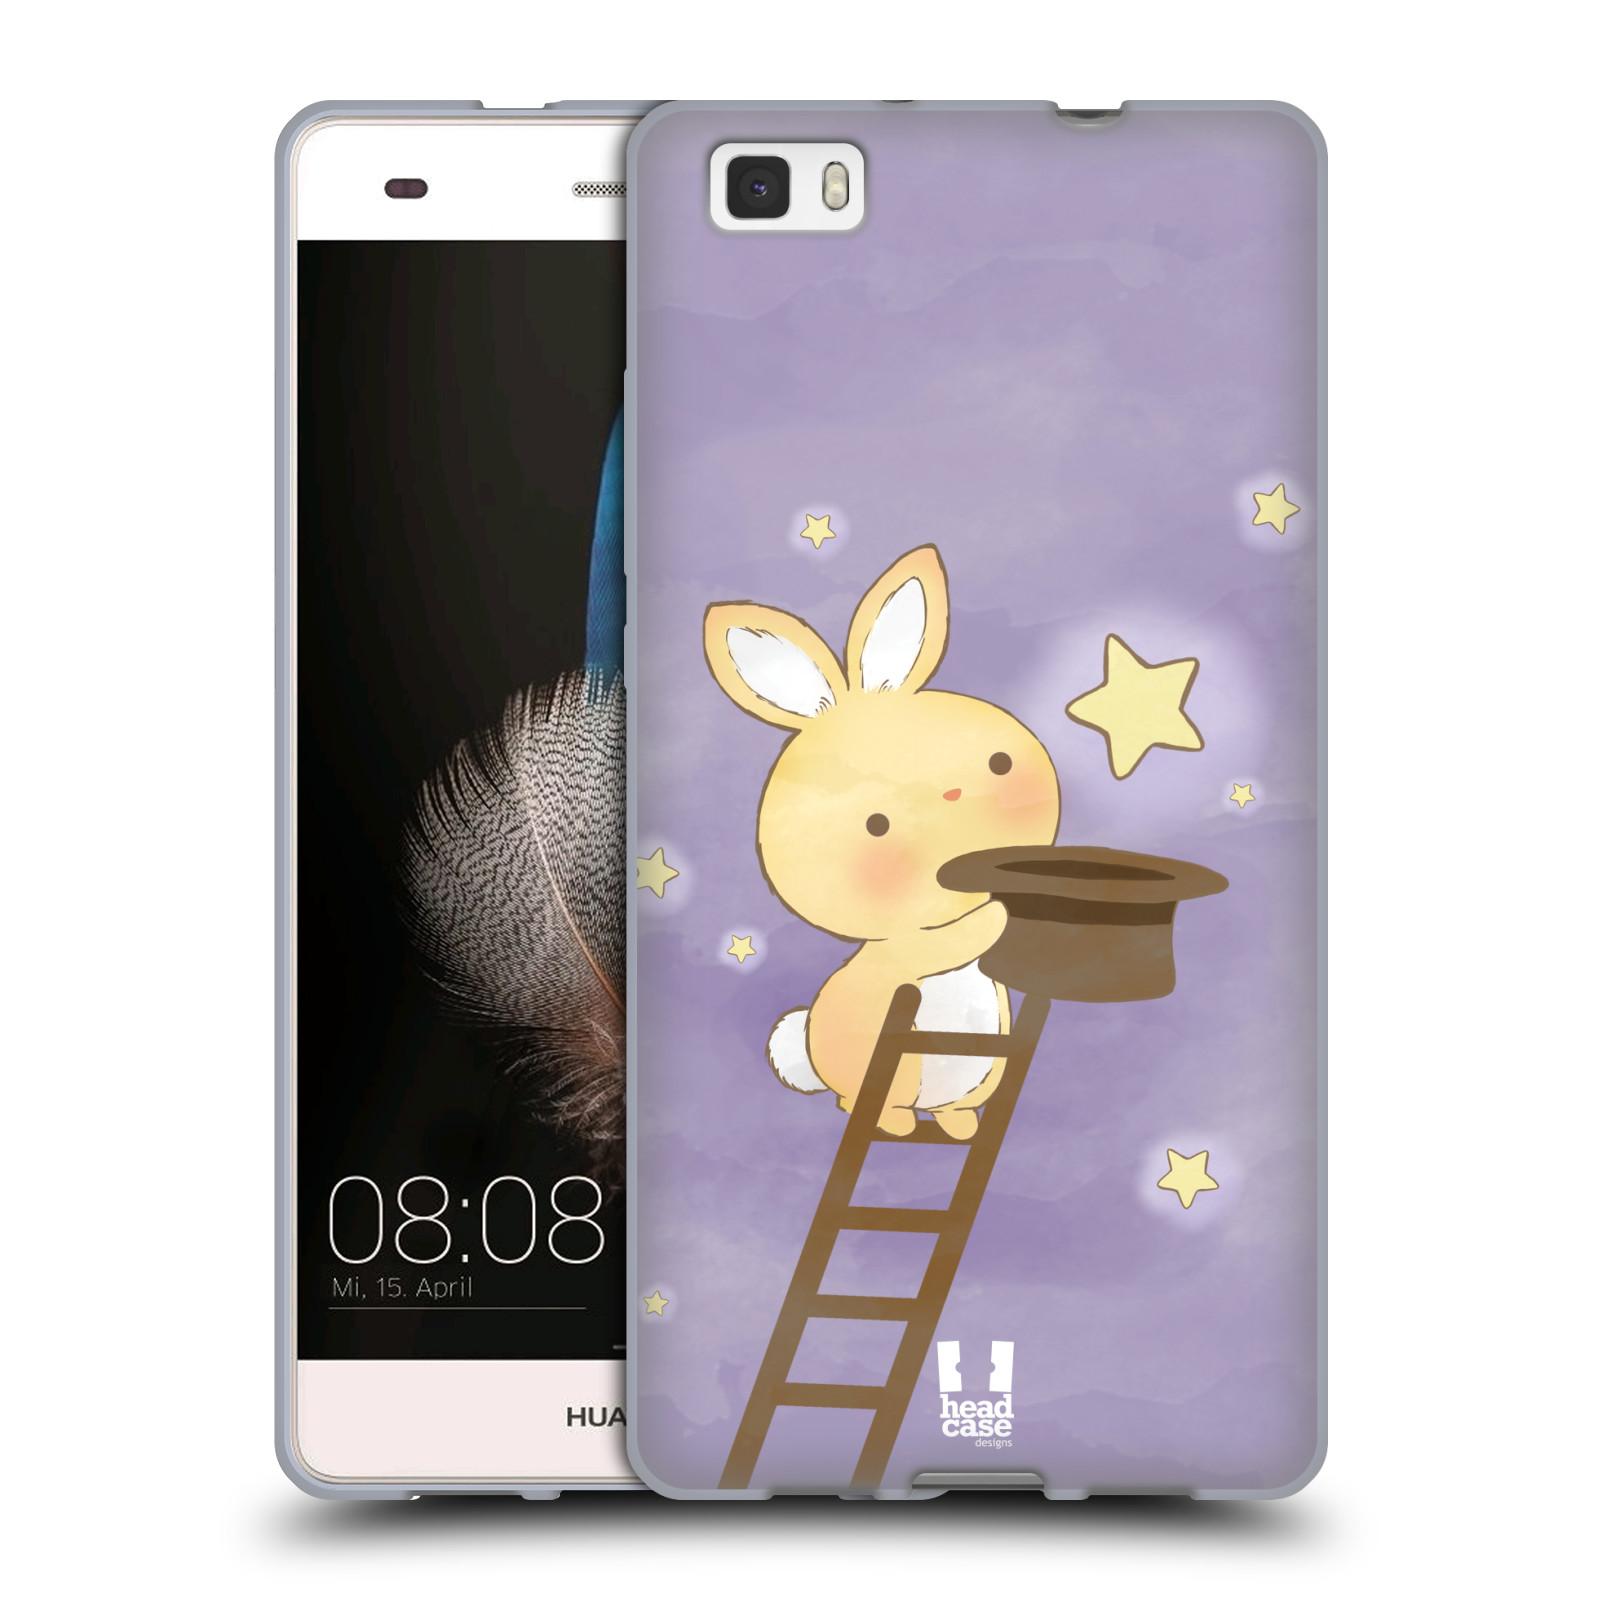 HEAD CASE silikonový obal na mobil HUAWEI P8 LITE vzor králíček a hvězdy fialová